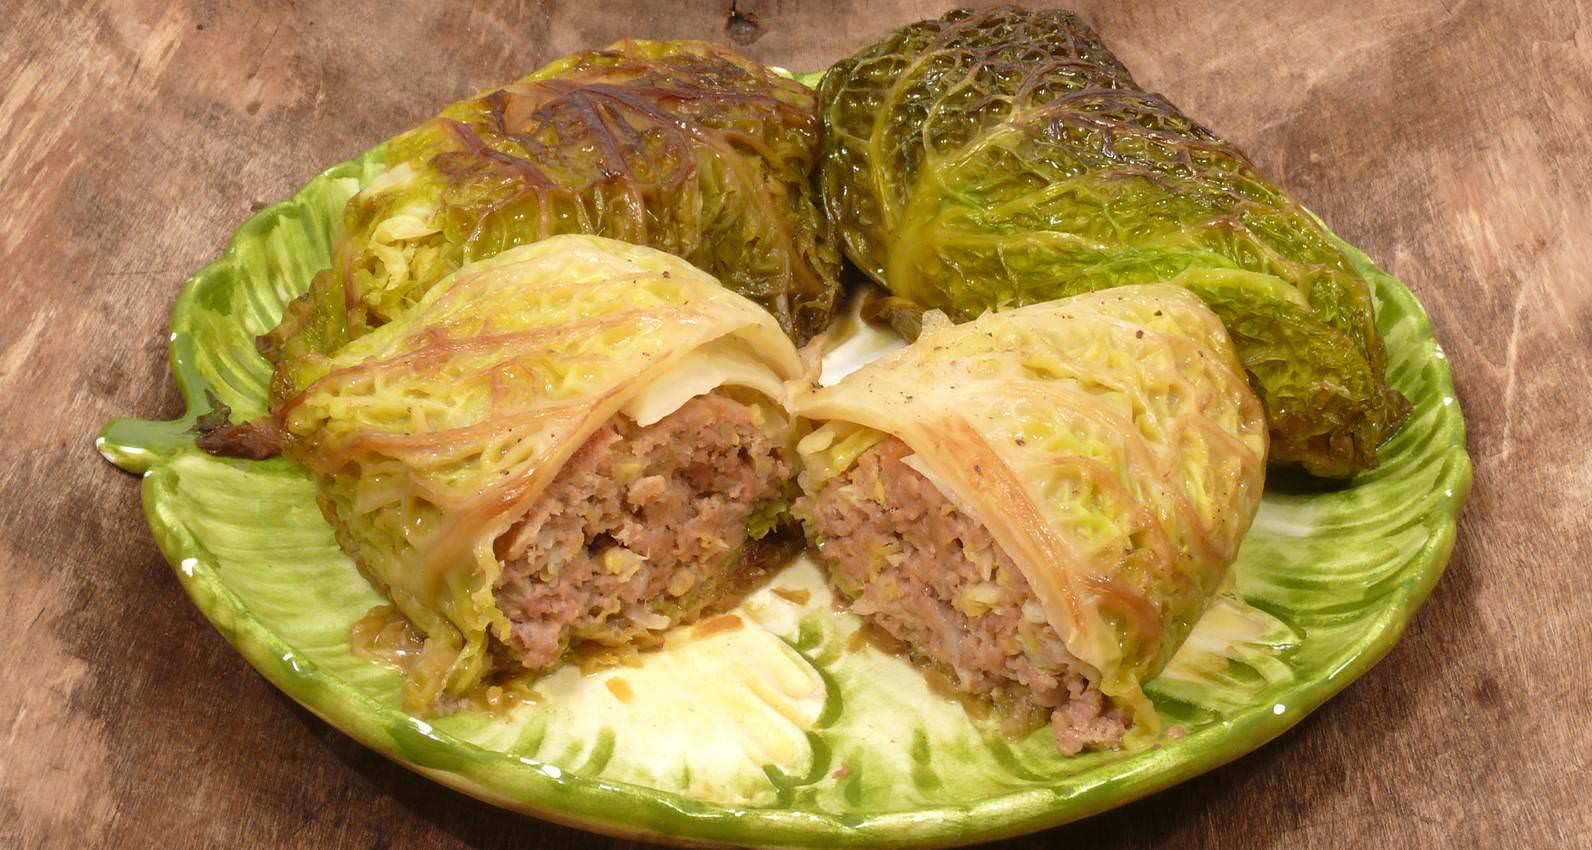 Paupiettes de chou une recette familiale et conomique faire avec porc veau ou volaille les - Paupiette de porc recette ...